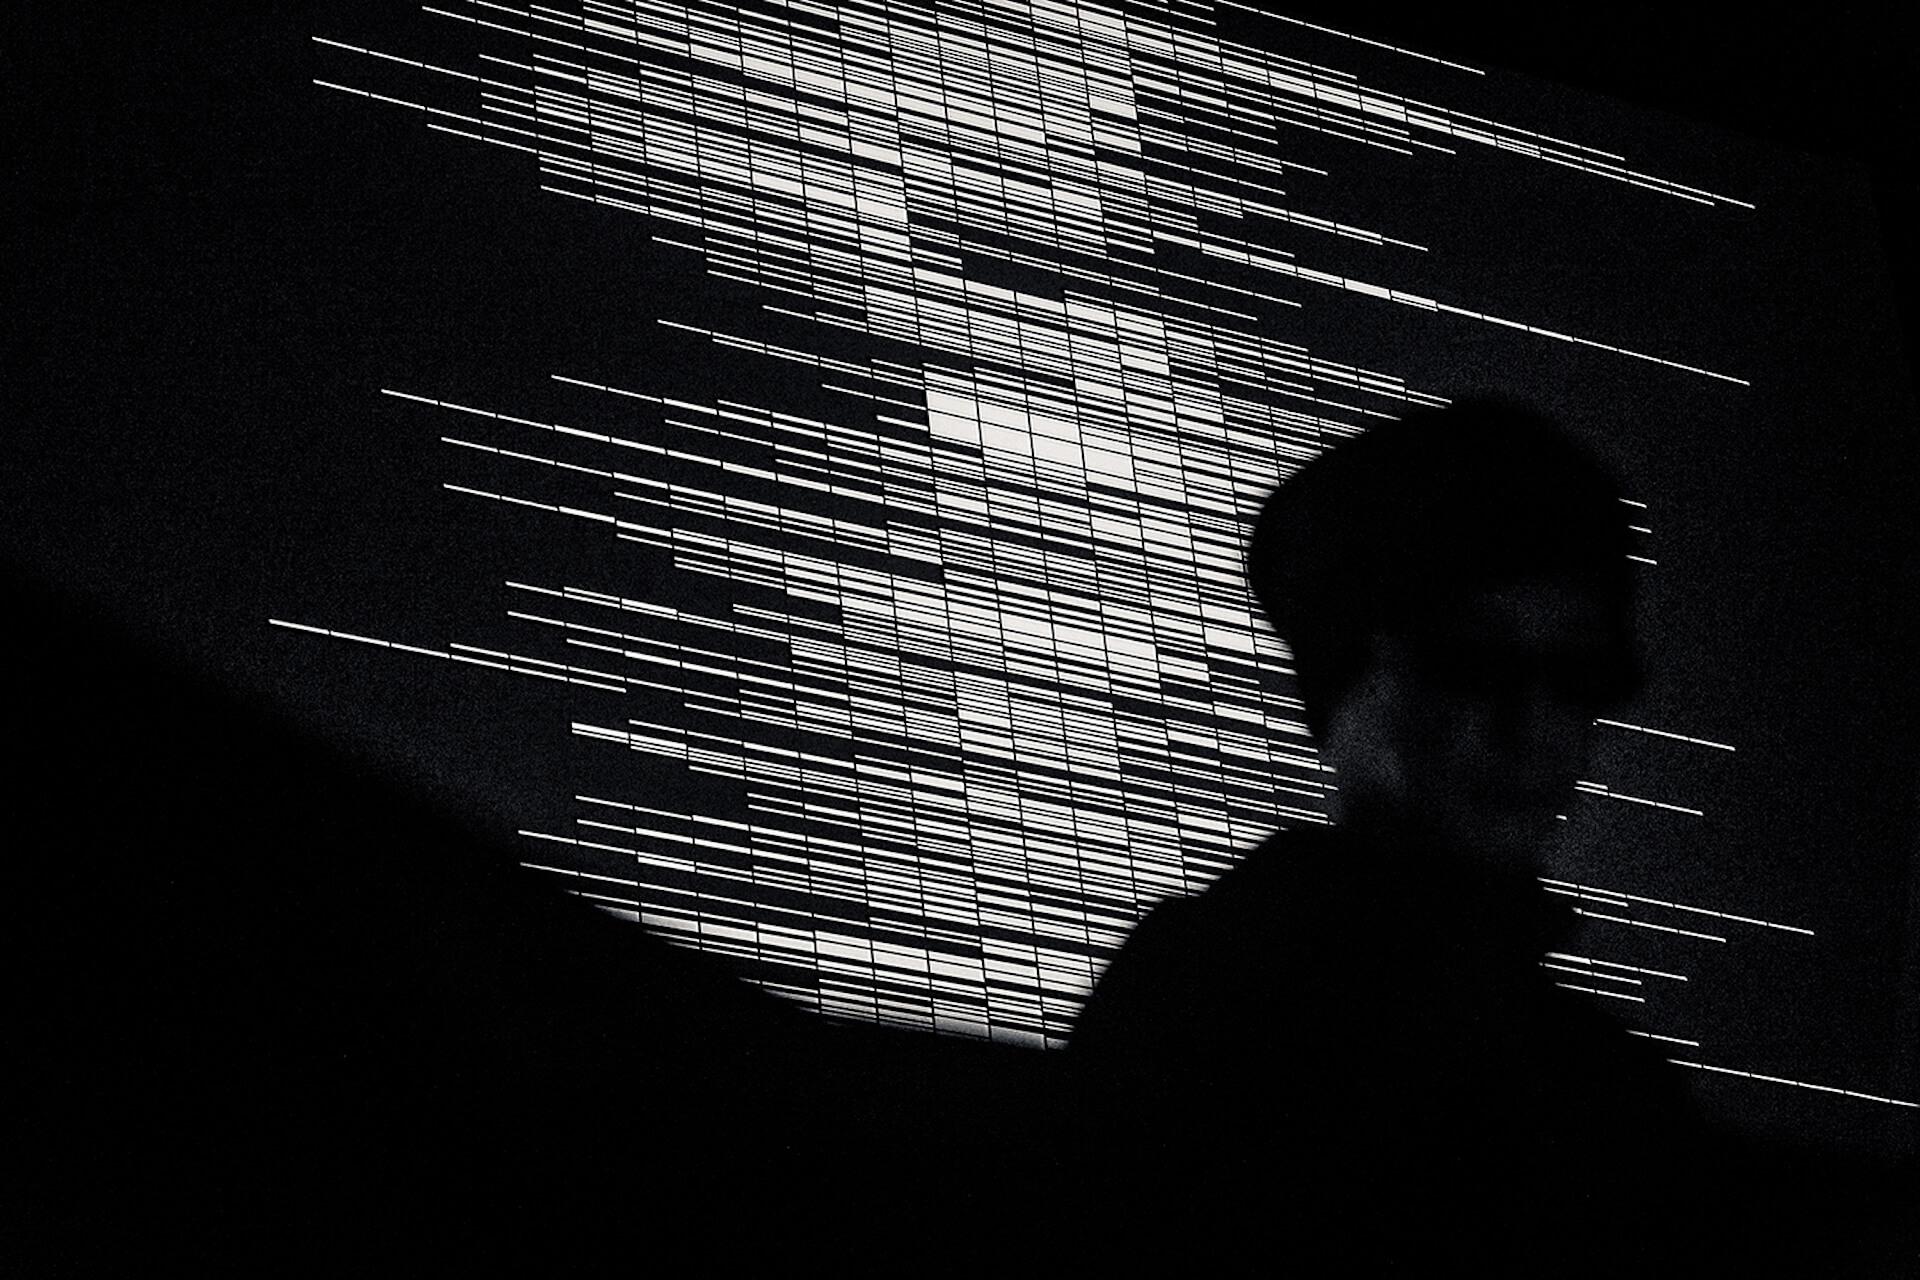 秋の京都で、知覚の限界へ挑む。池田亮司によるDJイベントとLIVEセットを2夜連続で味わうイベントが11月に開催 music190830-ryojiikeda